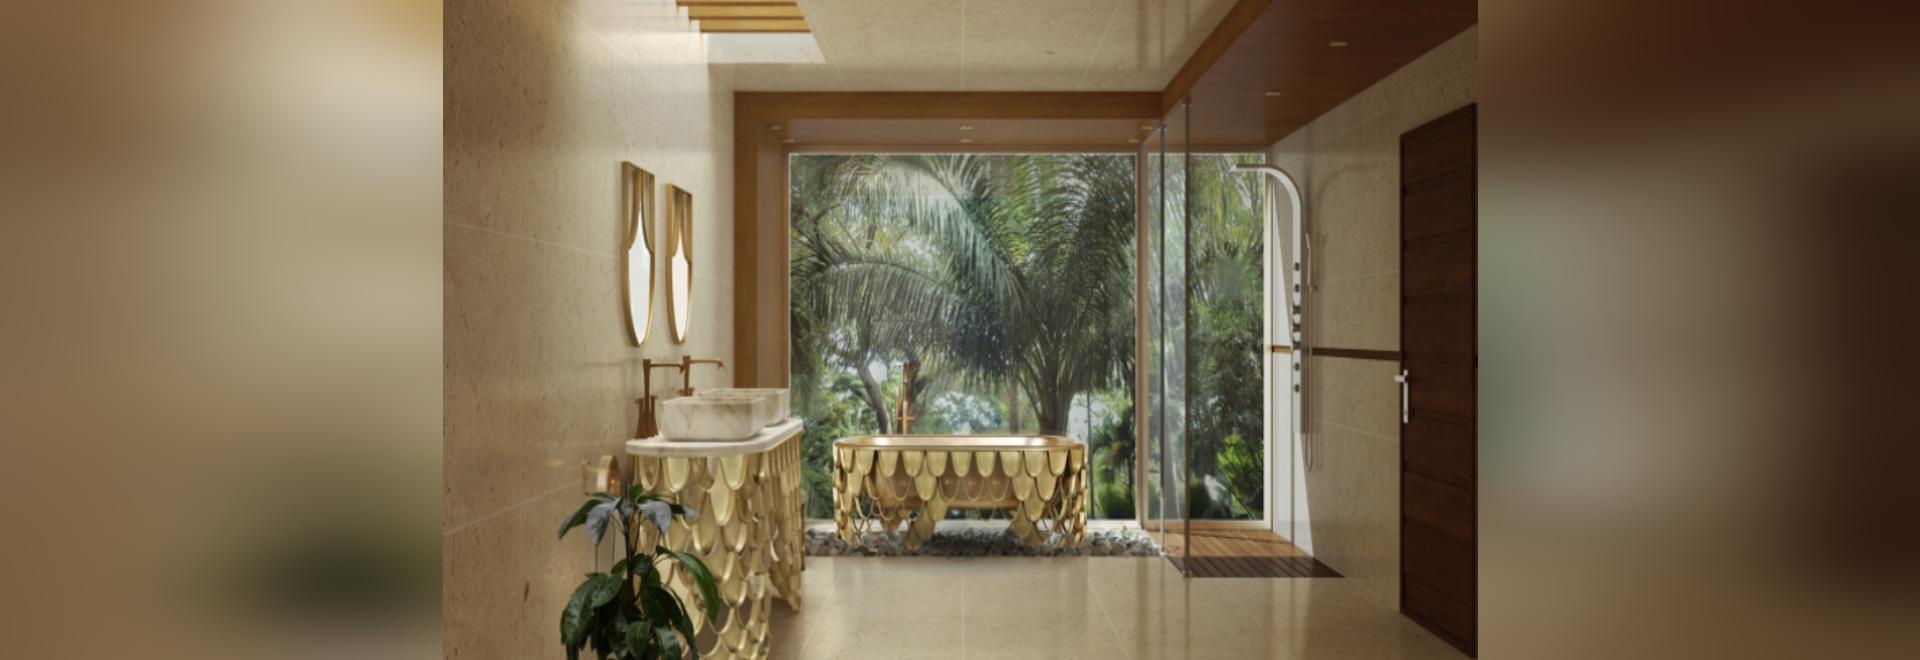 Le vasche più incredibili per il vostro rinnovamento seguente del bagno